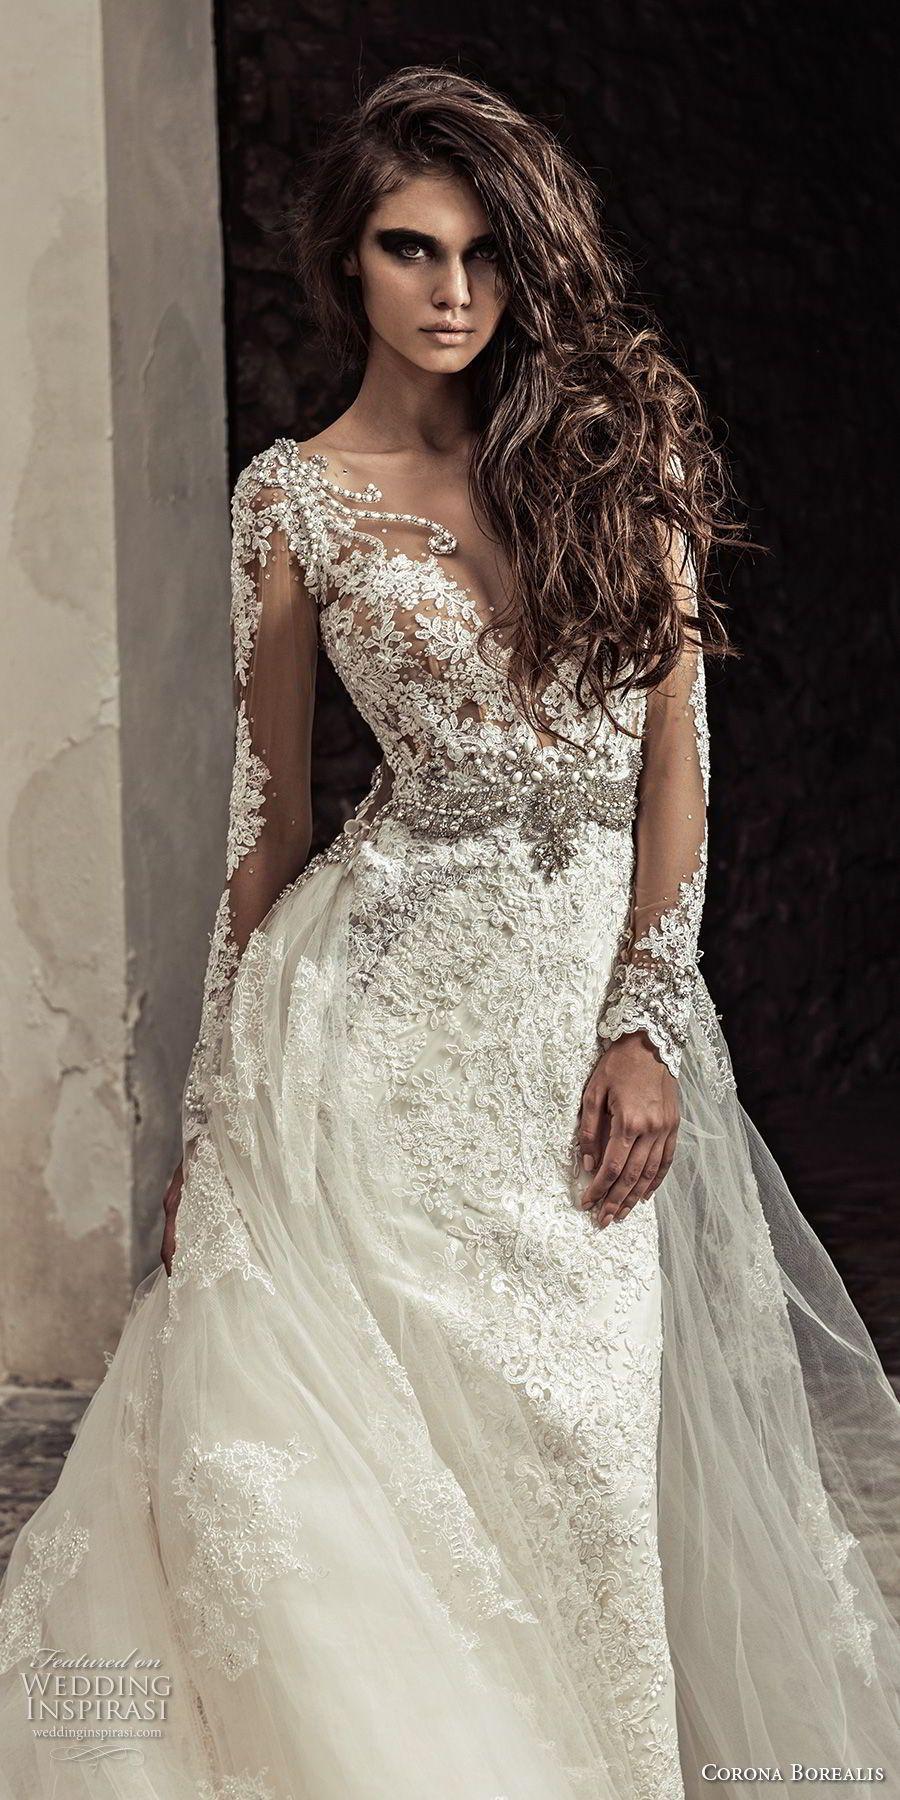 Corona borealis bridal long sleeves sweetheart neckline full